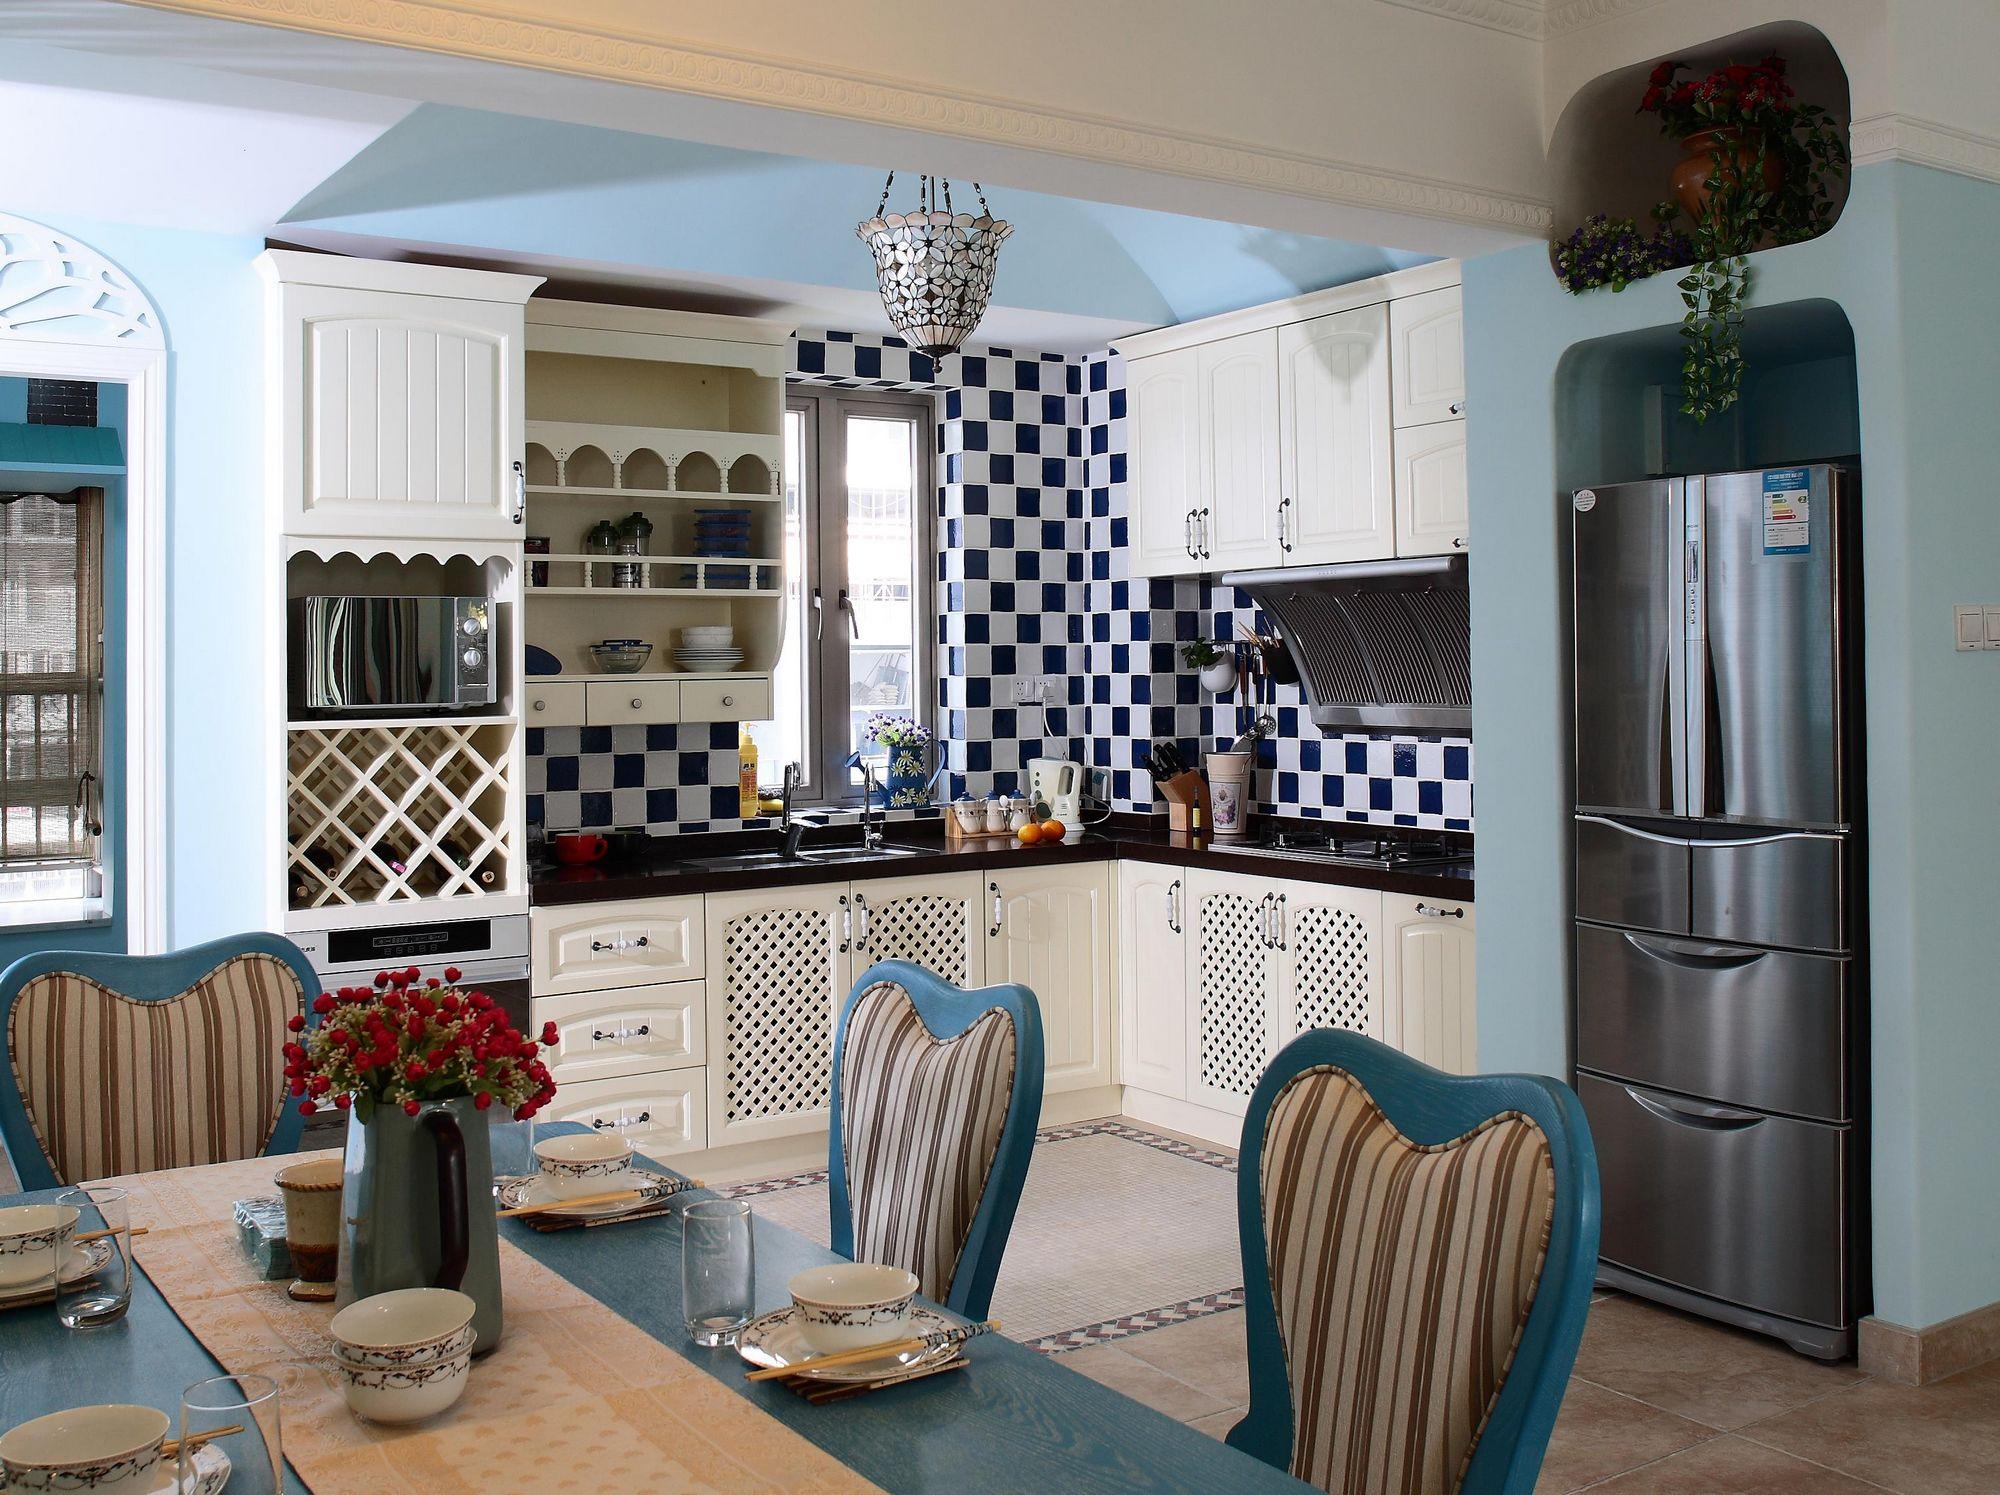 105㎡地中海风格厨房装修效果图